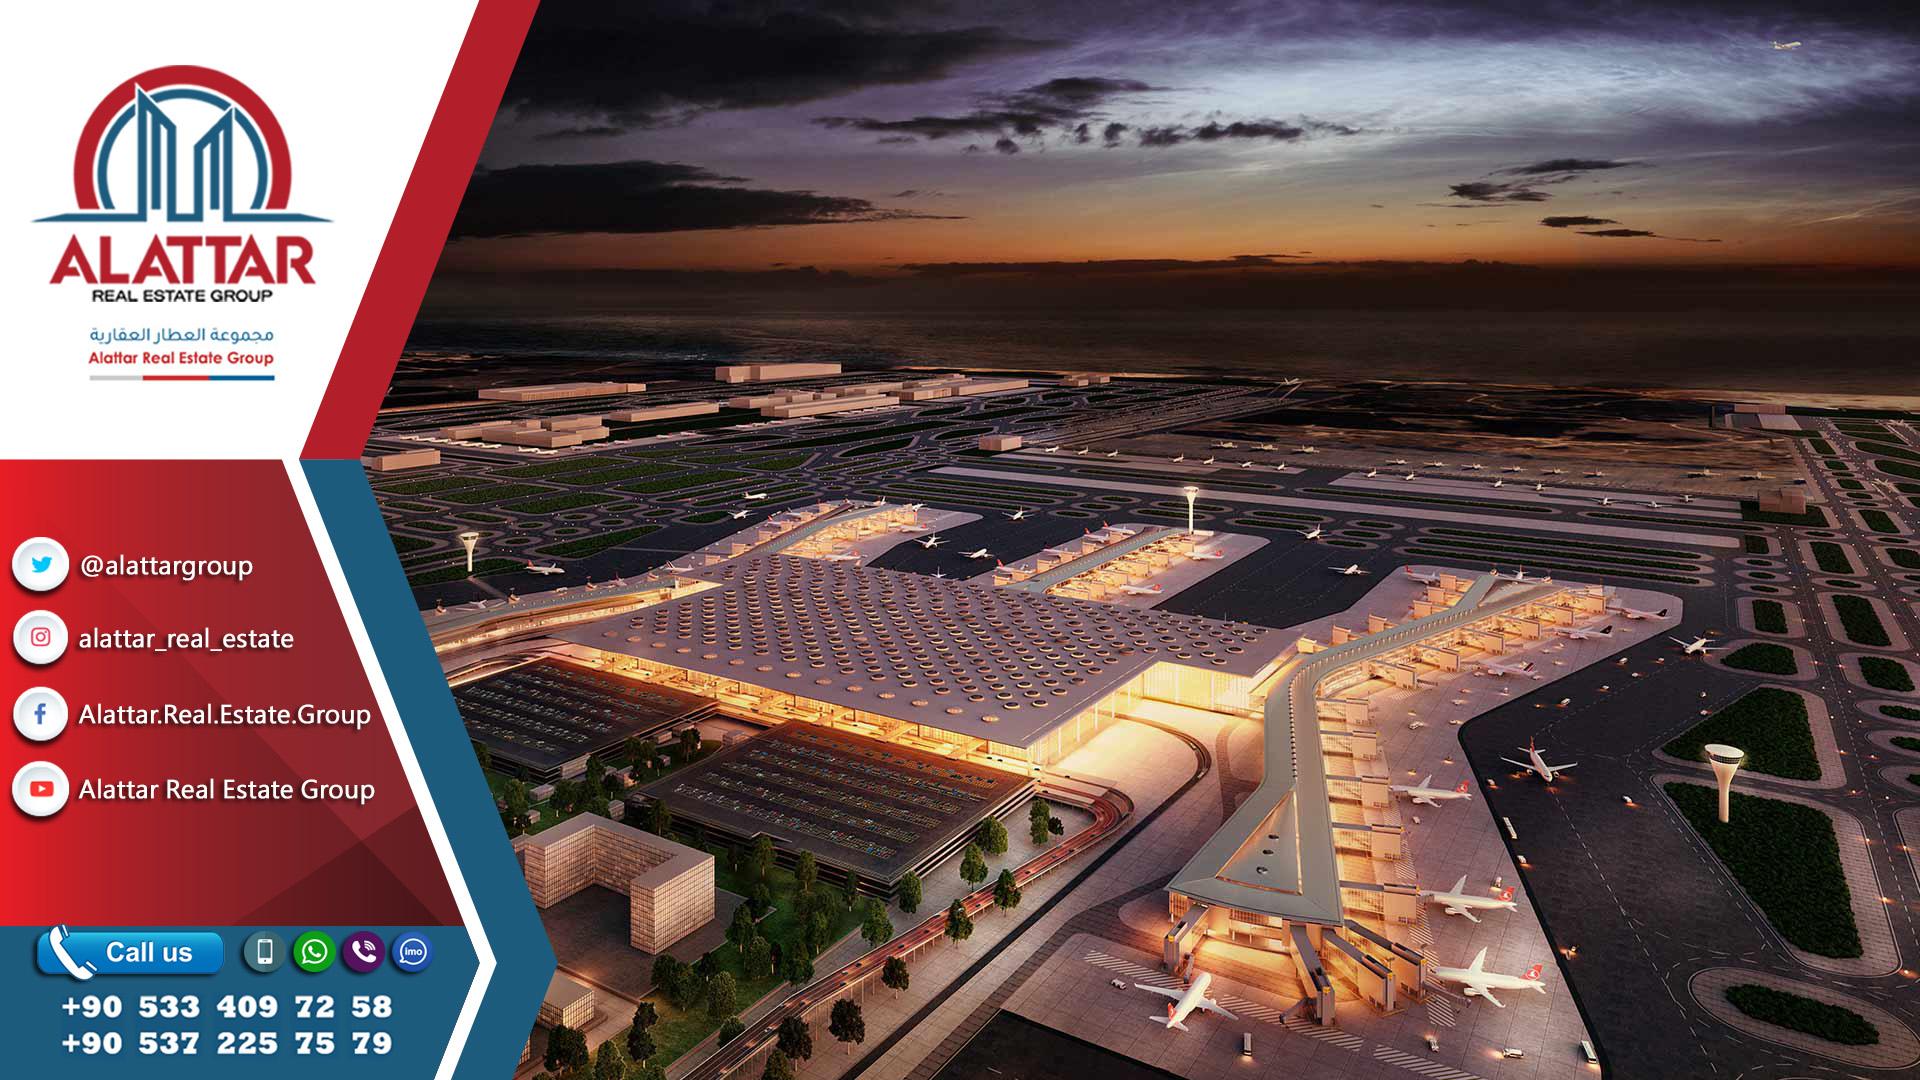 مطار إسطنبول الثالث يرفع نسبة الاستثمار العقاري 100% في المناطق المحيطة به